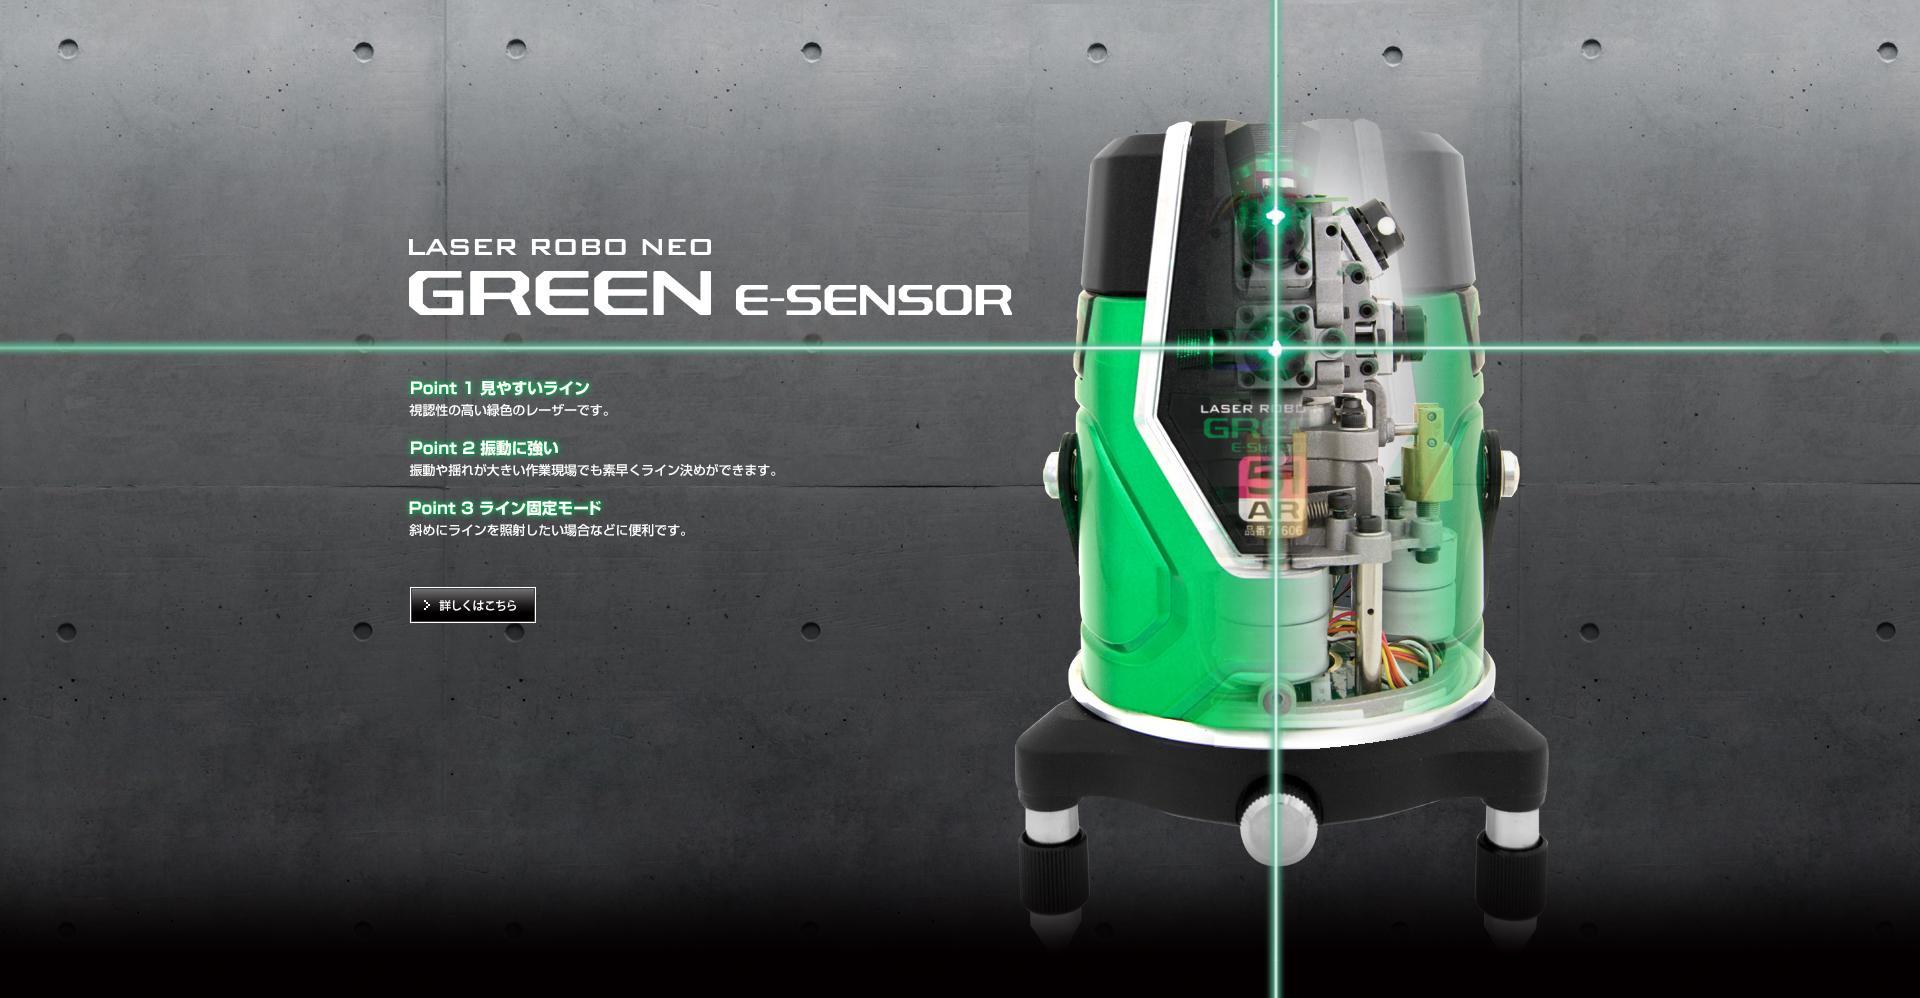 レーザーロボ_グリーン_Neo_E_sensor